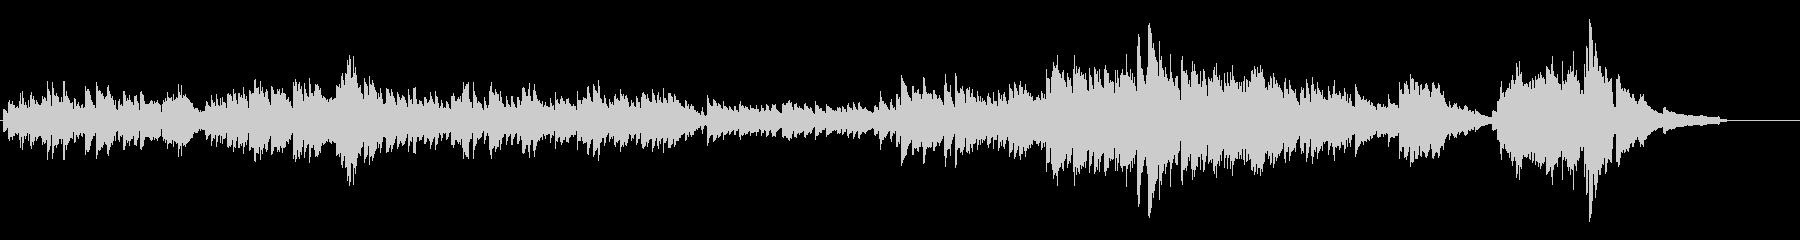 ピアノソロクラシックの未再生の波形